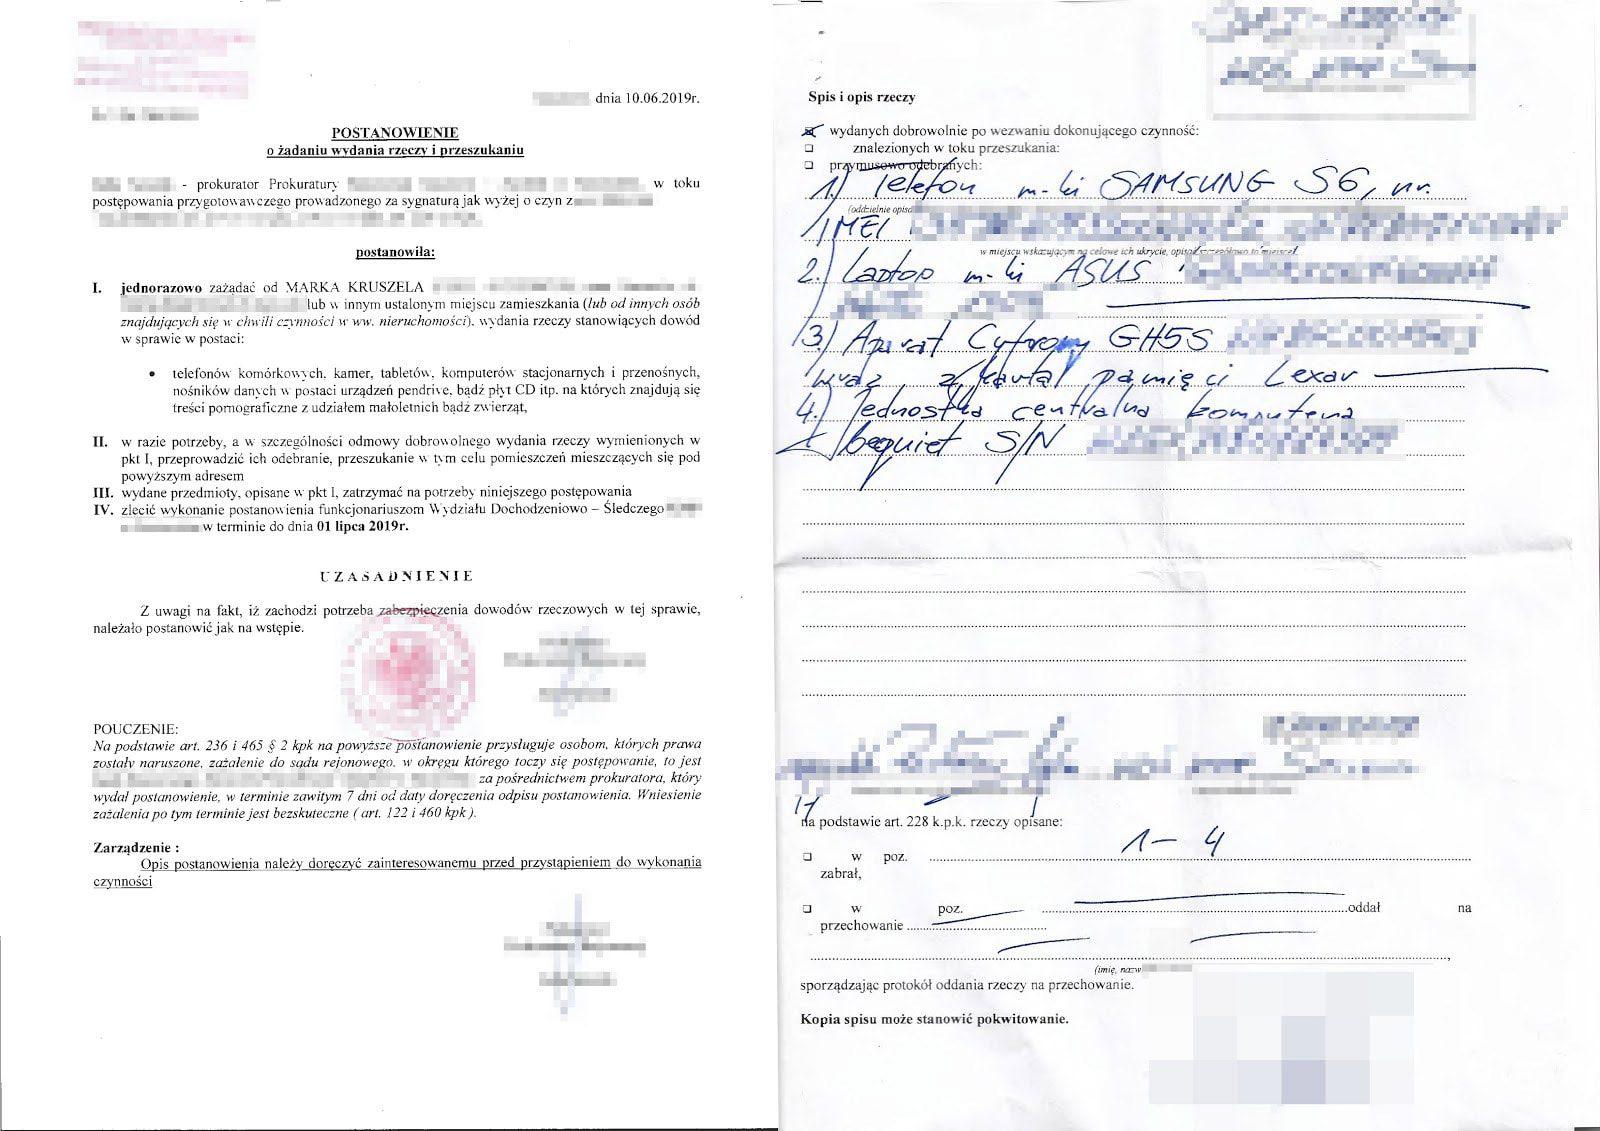 Policja u Kruszwila. Fot. Ośrodek Monitorowania Zachowań Rasistowskich i Ksenofobicznych